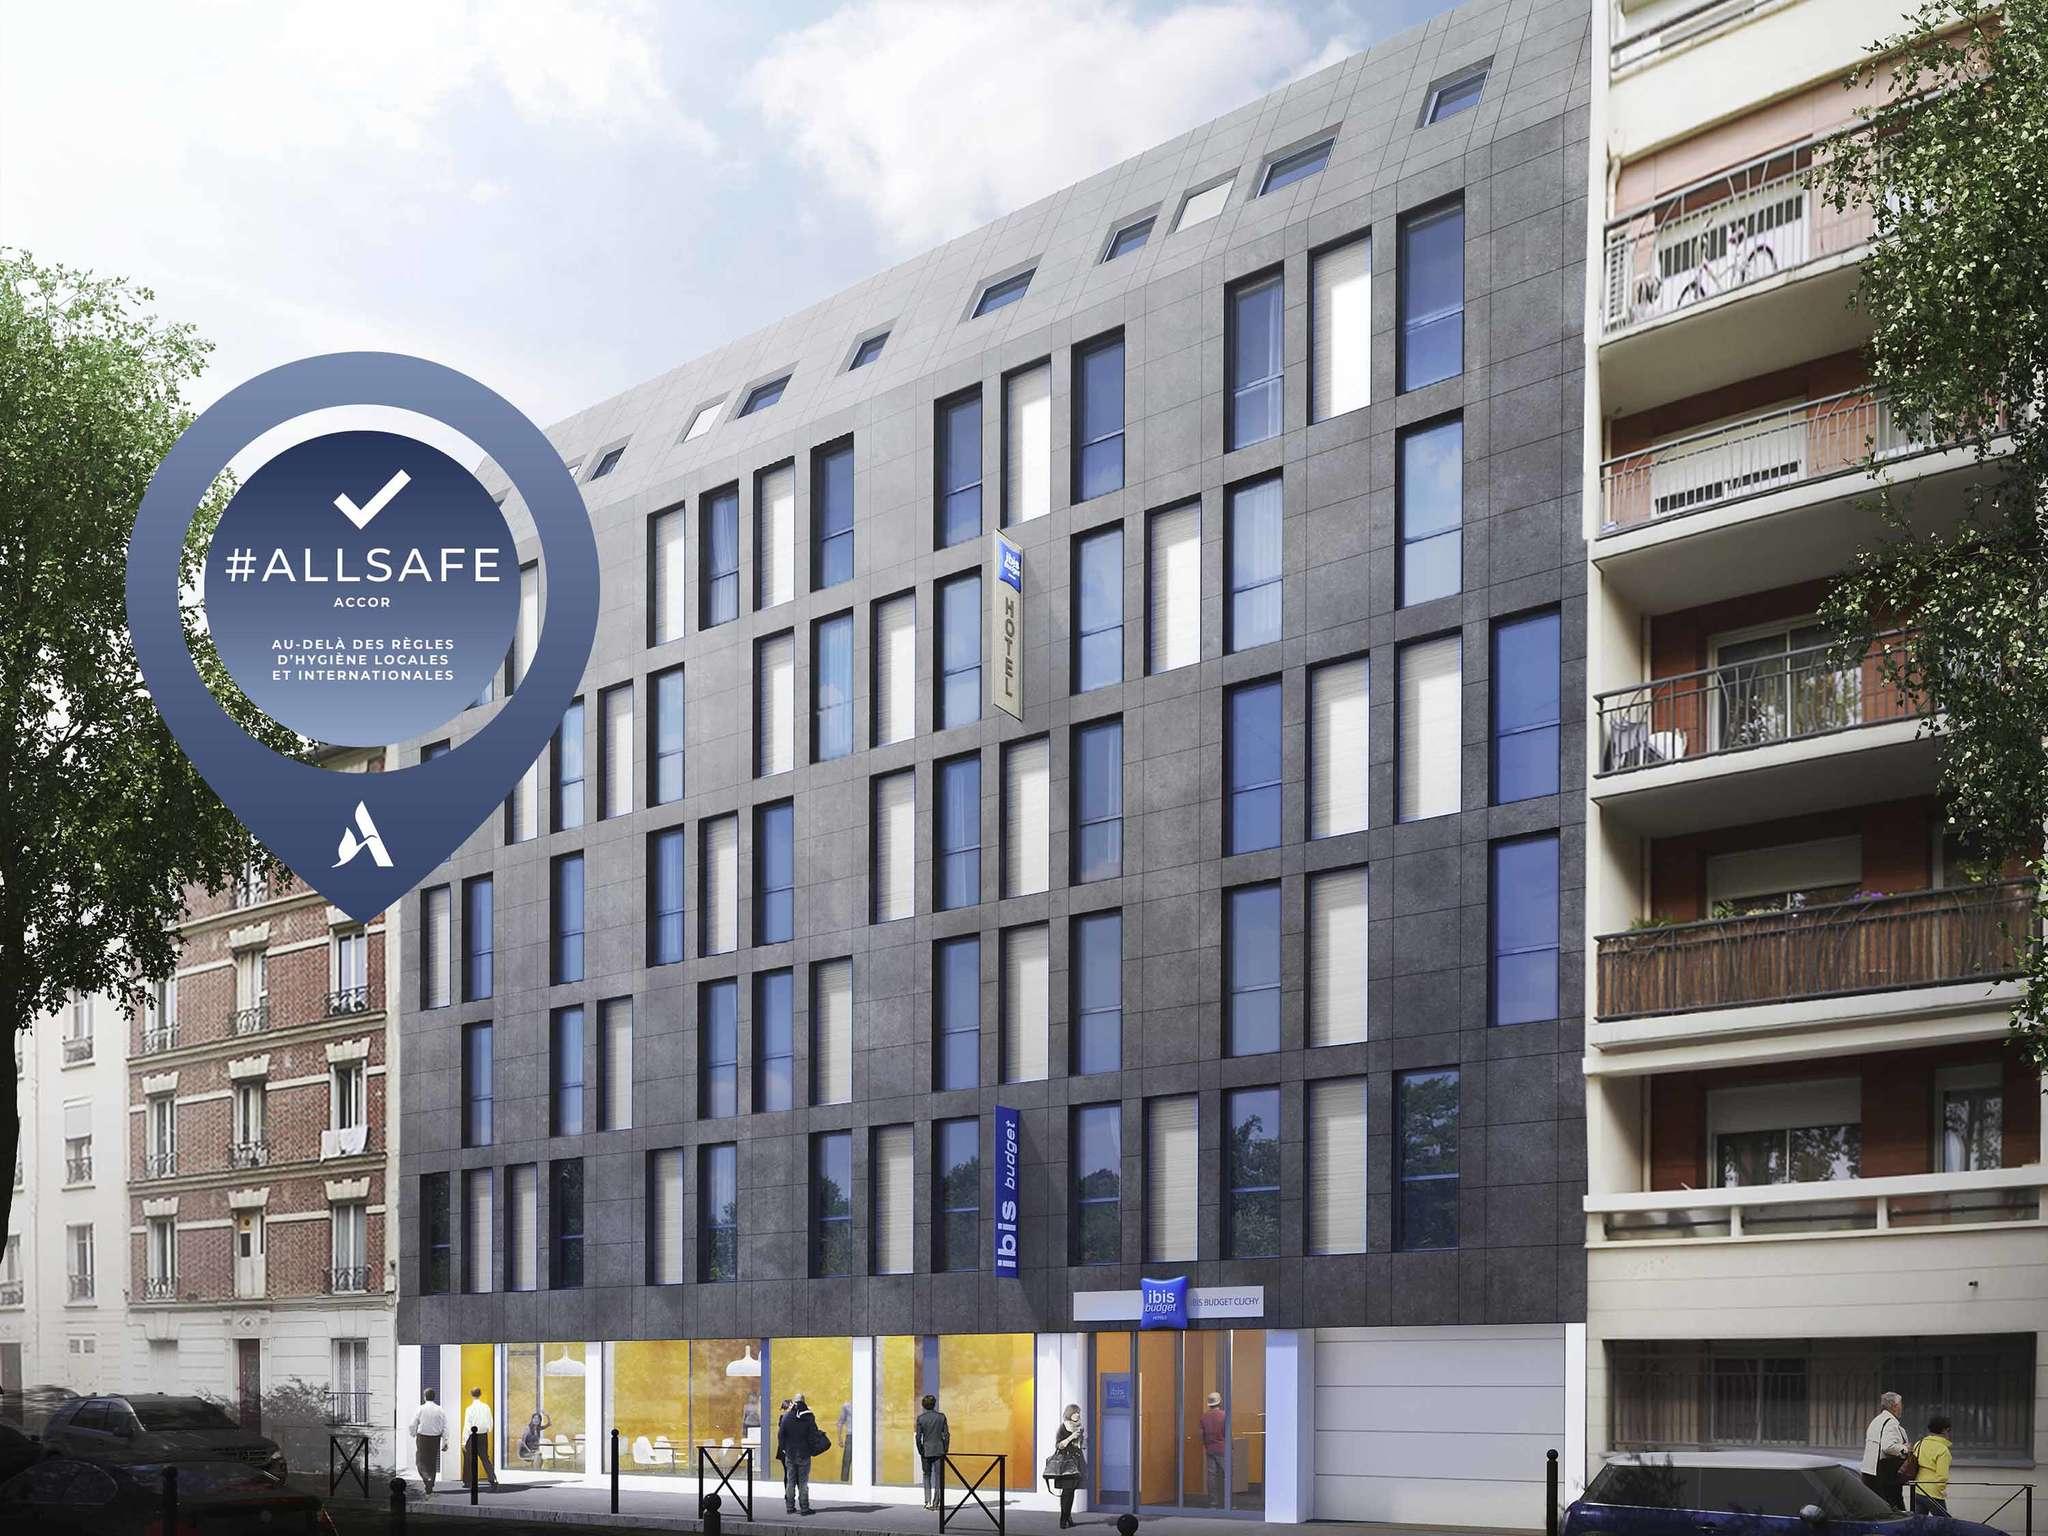 Отель — ibis budget Париж Мэри-де-Клиши (открытие в апреле 2018 г.)